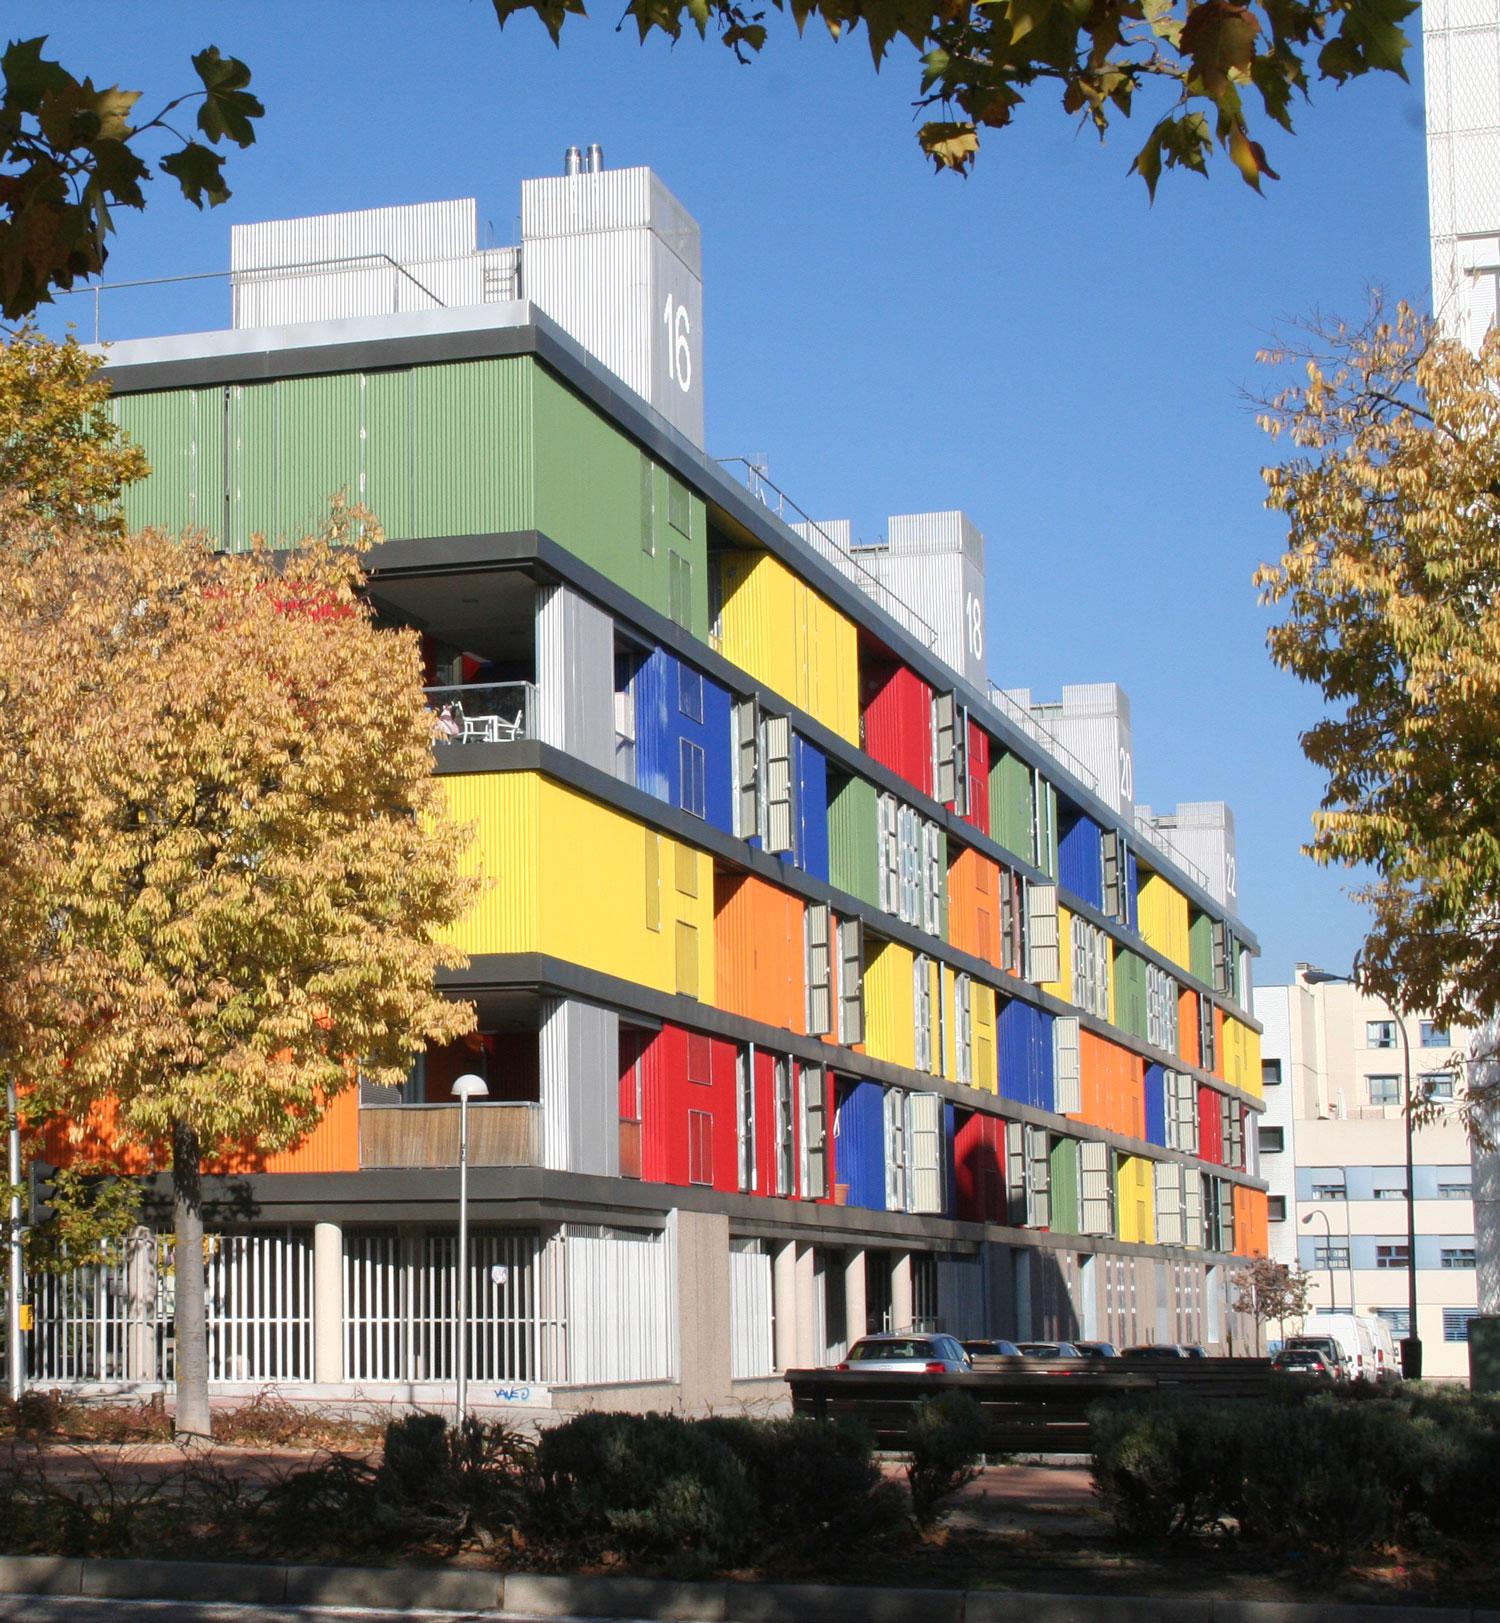 edificios-cubos-colores